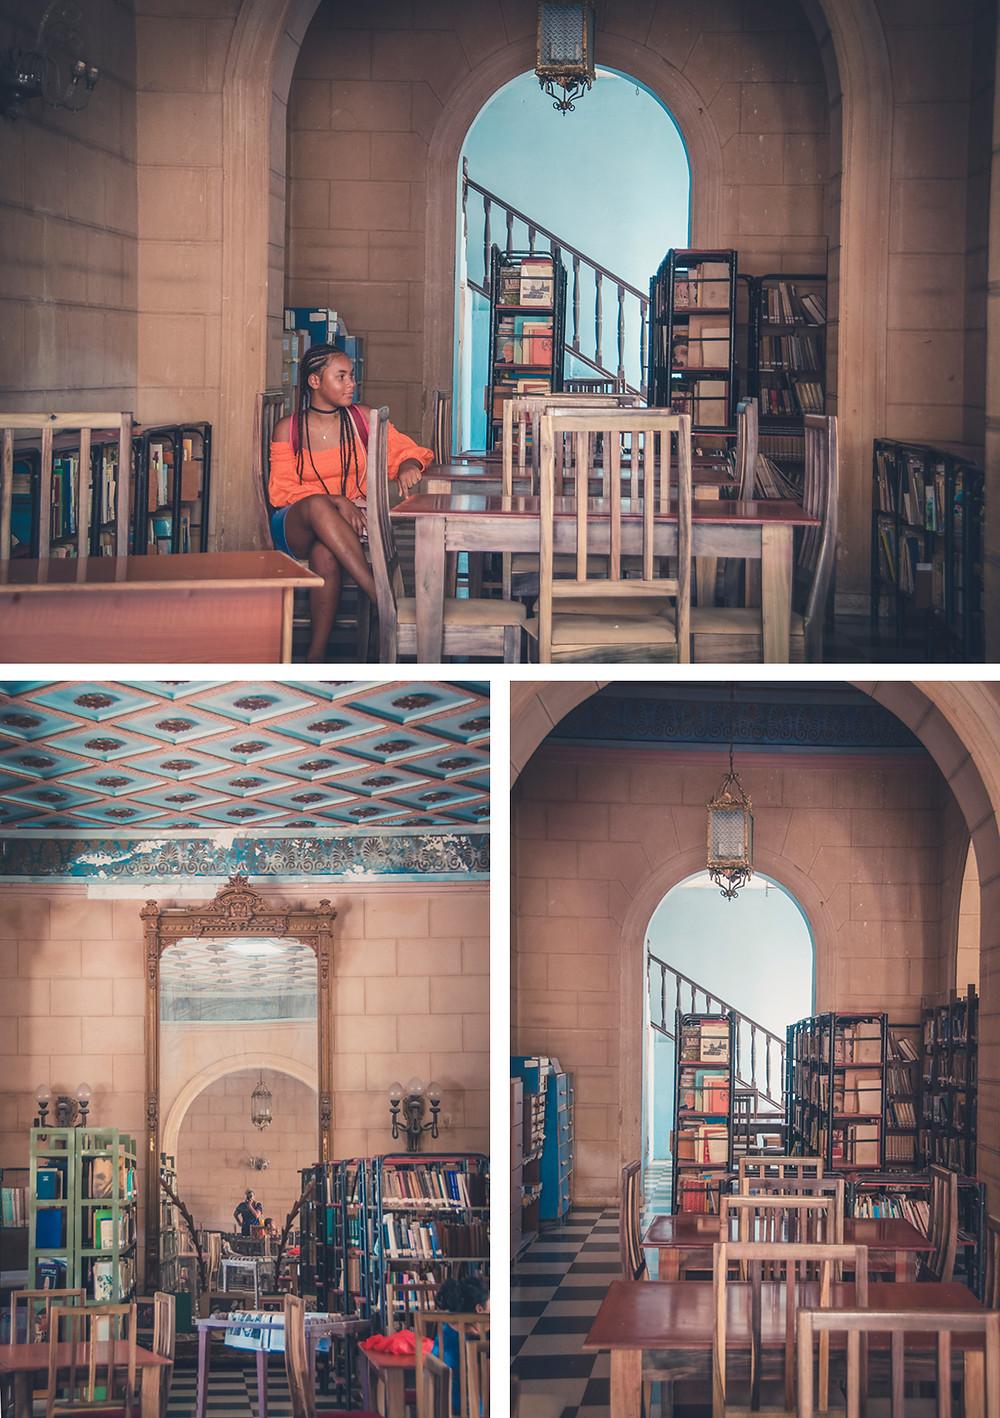 Bibliothèque Trinidad - Cuba